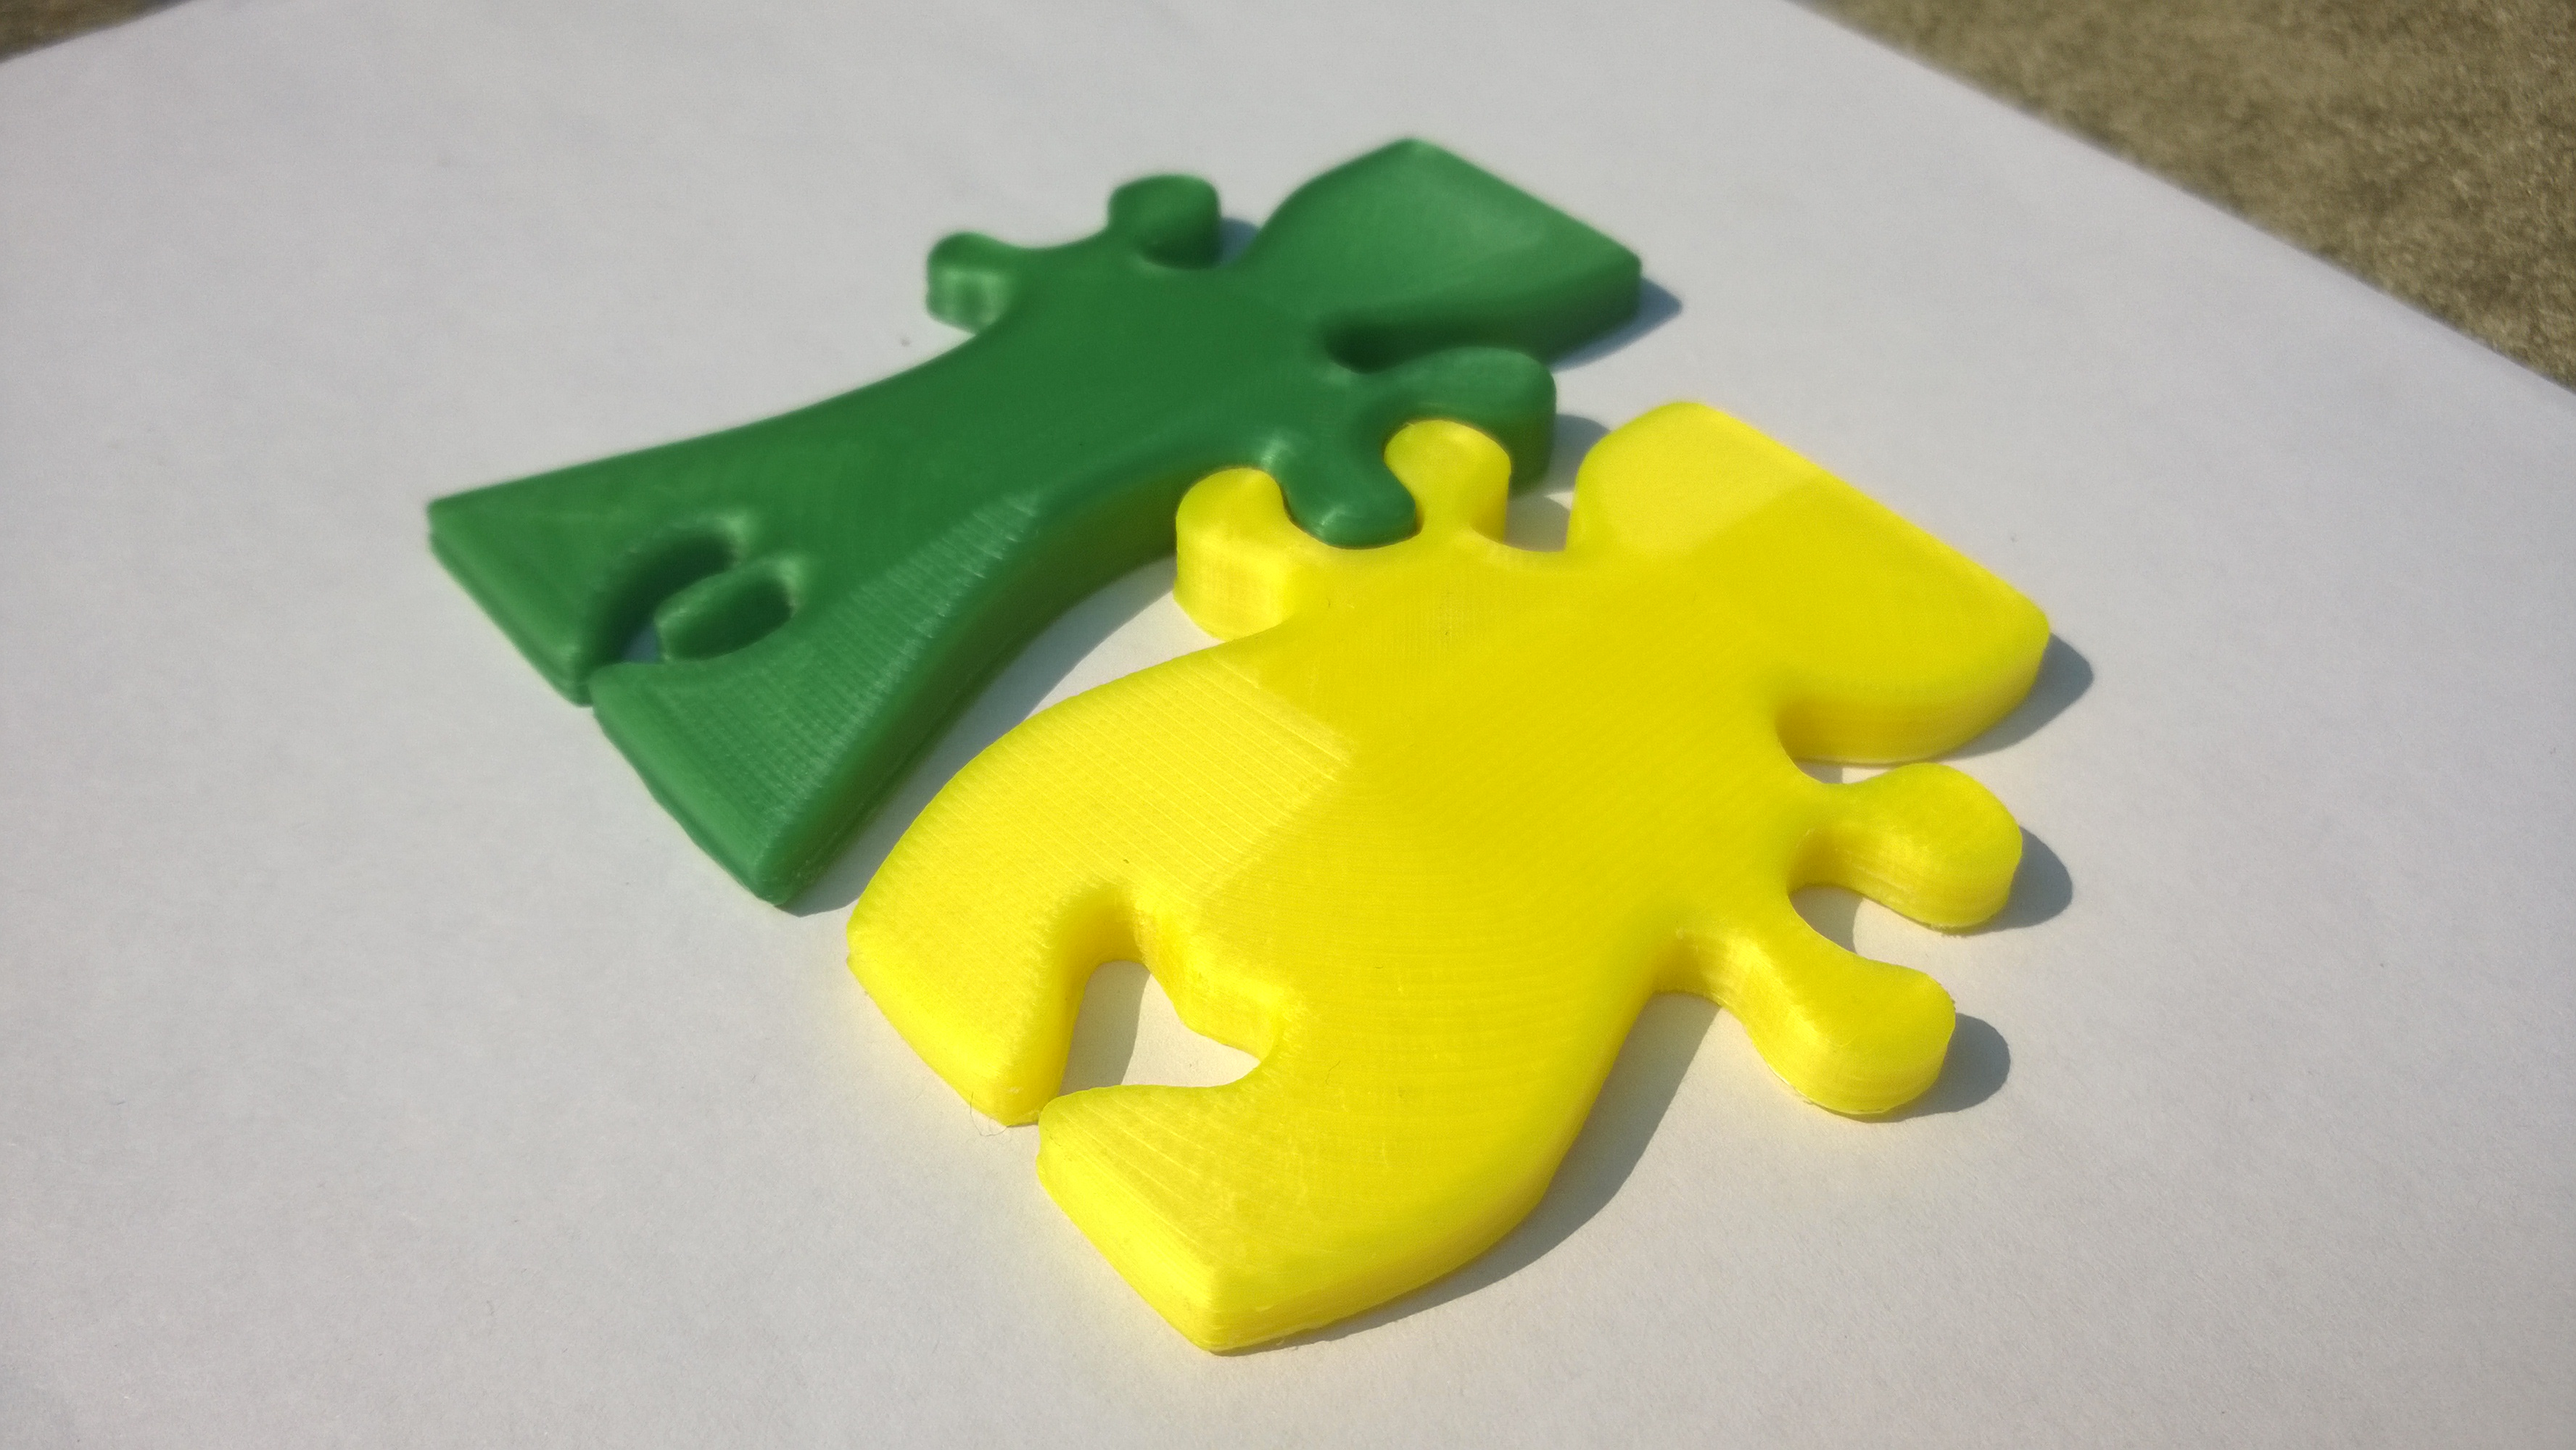 小人徽章3D打印模型,小人徽章3D模型下载,3D打印小人徽章模型下载,小人徽章3D模型,小人徽章STL格式文件,小人徽章3D打印模型免费下载,3D打印模型库